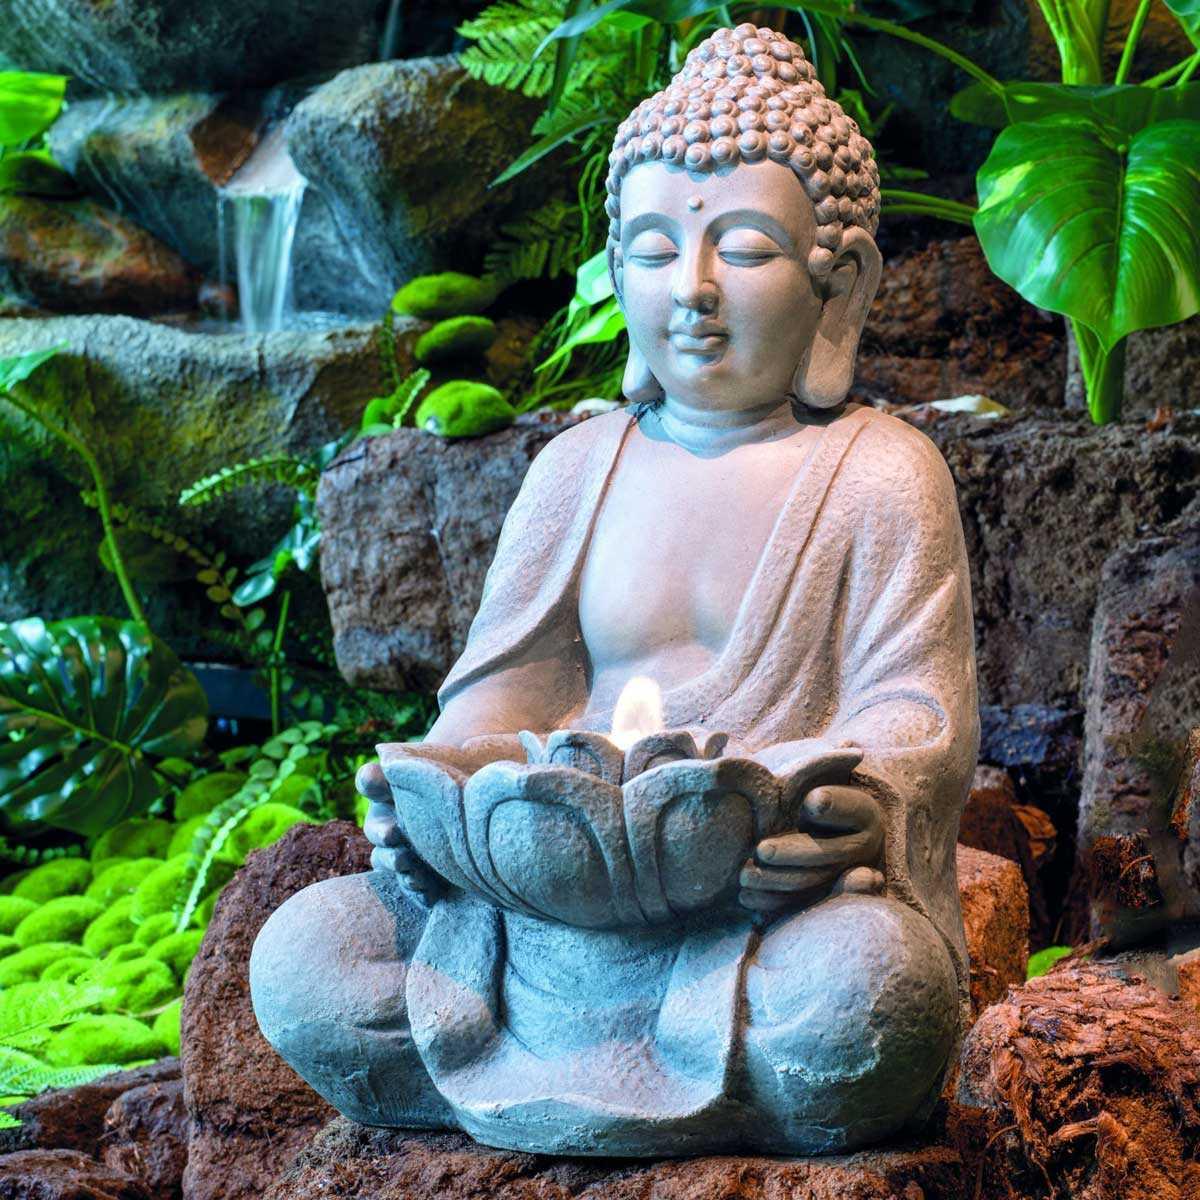 fontaine bouddha a led interieur exterieur vente au meilleur prix jardins animes